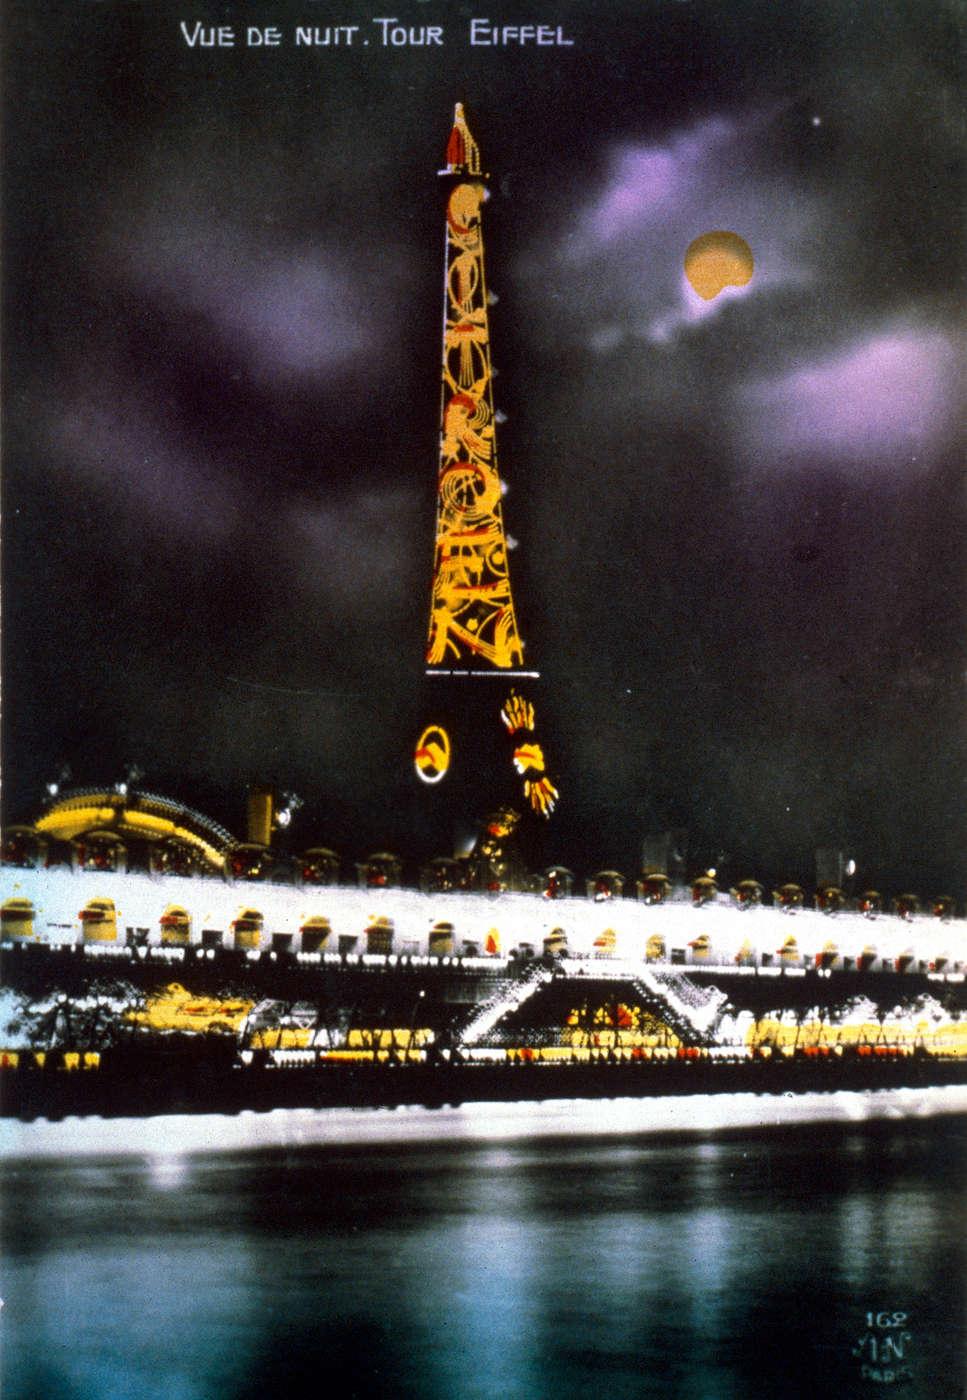 Les débuts de la publicité lumineuse : la Tour Eiffel aux couleurs de Citroën